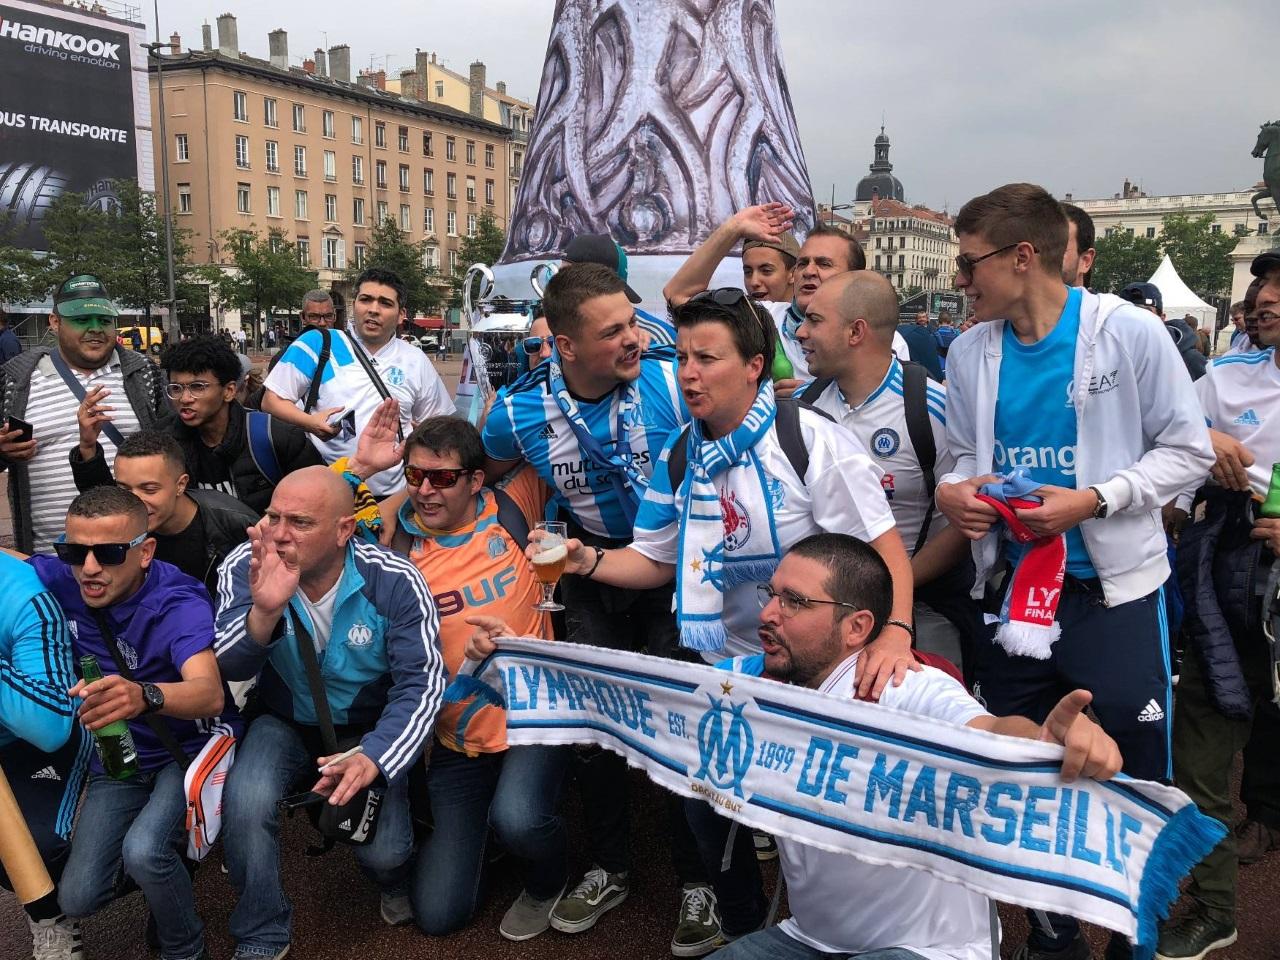 Les Marseillais se sont plutôt bien comportés dans l'ensemble- LyonMag